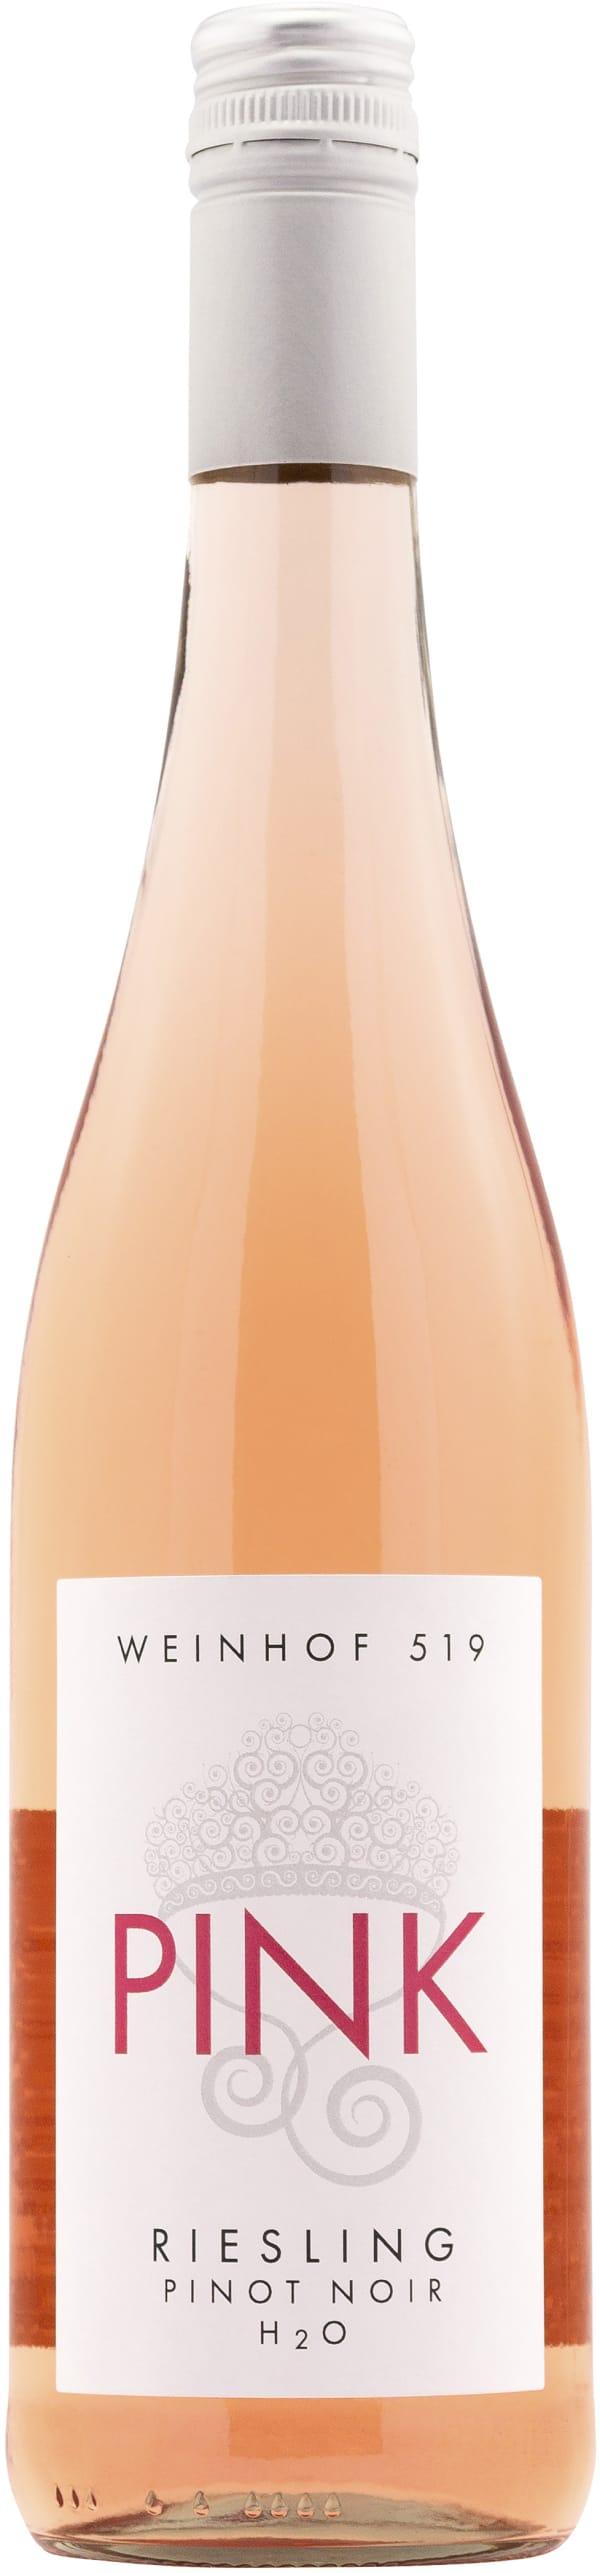 Pink Riesling Weinhof 519